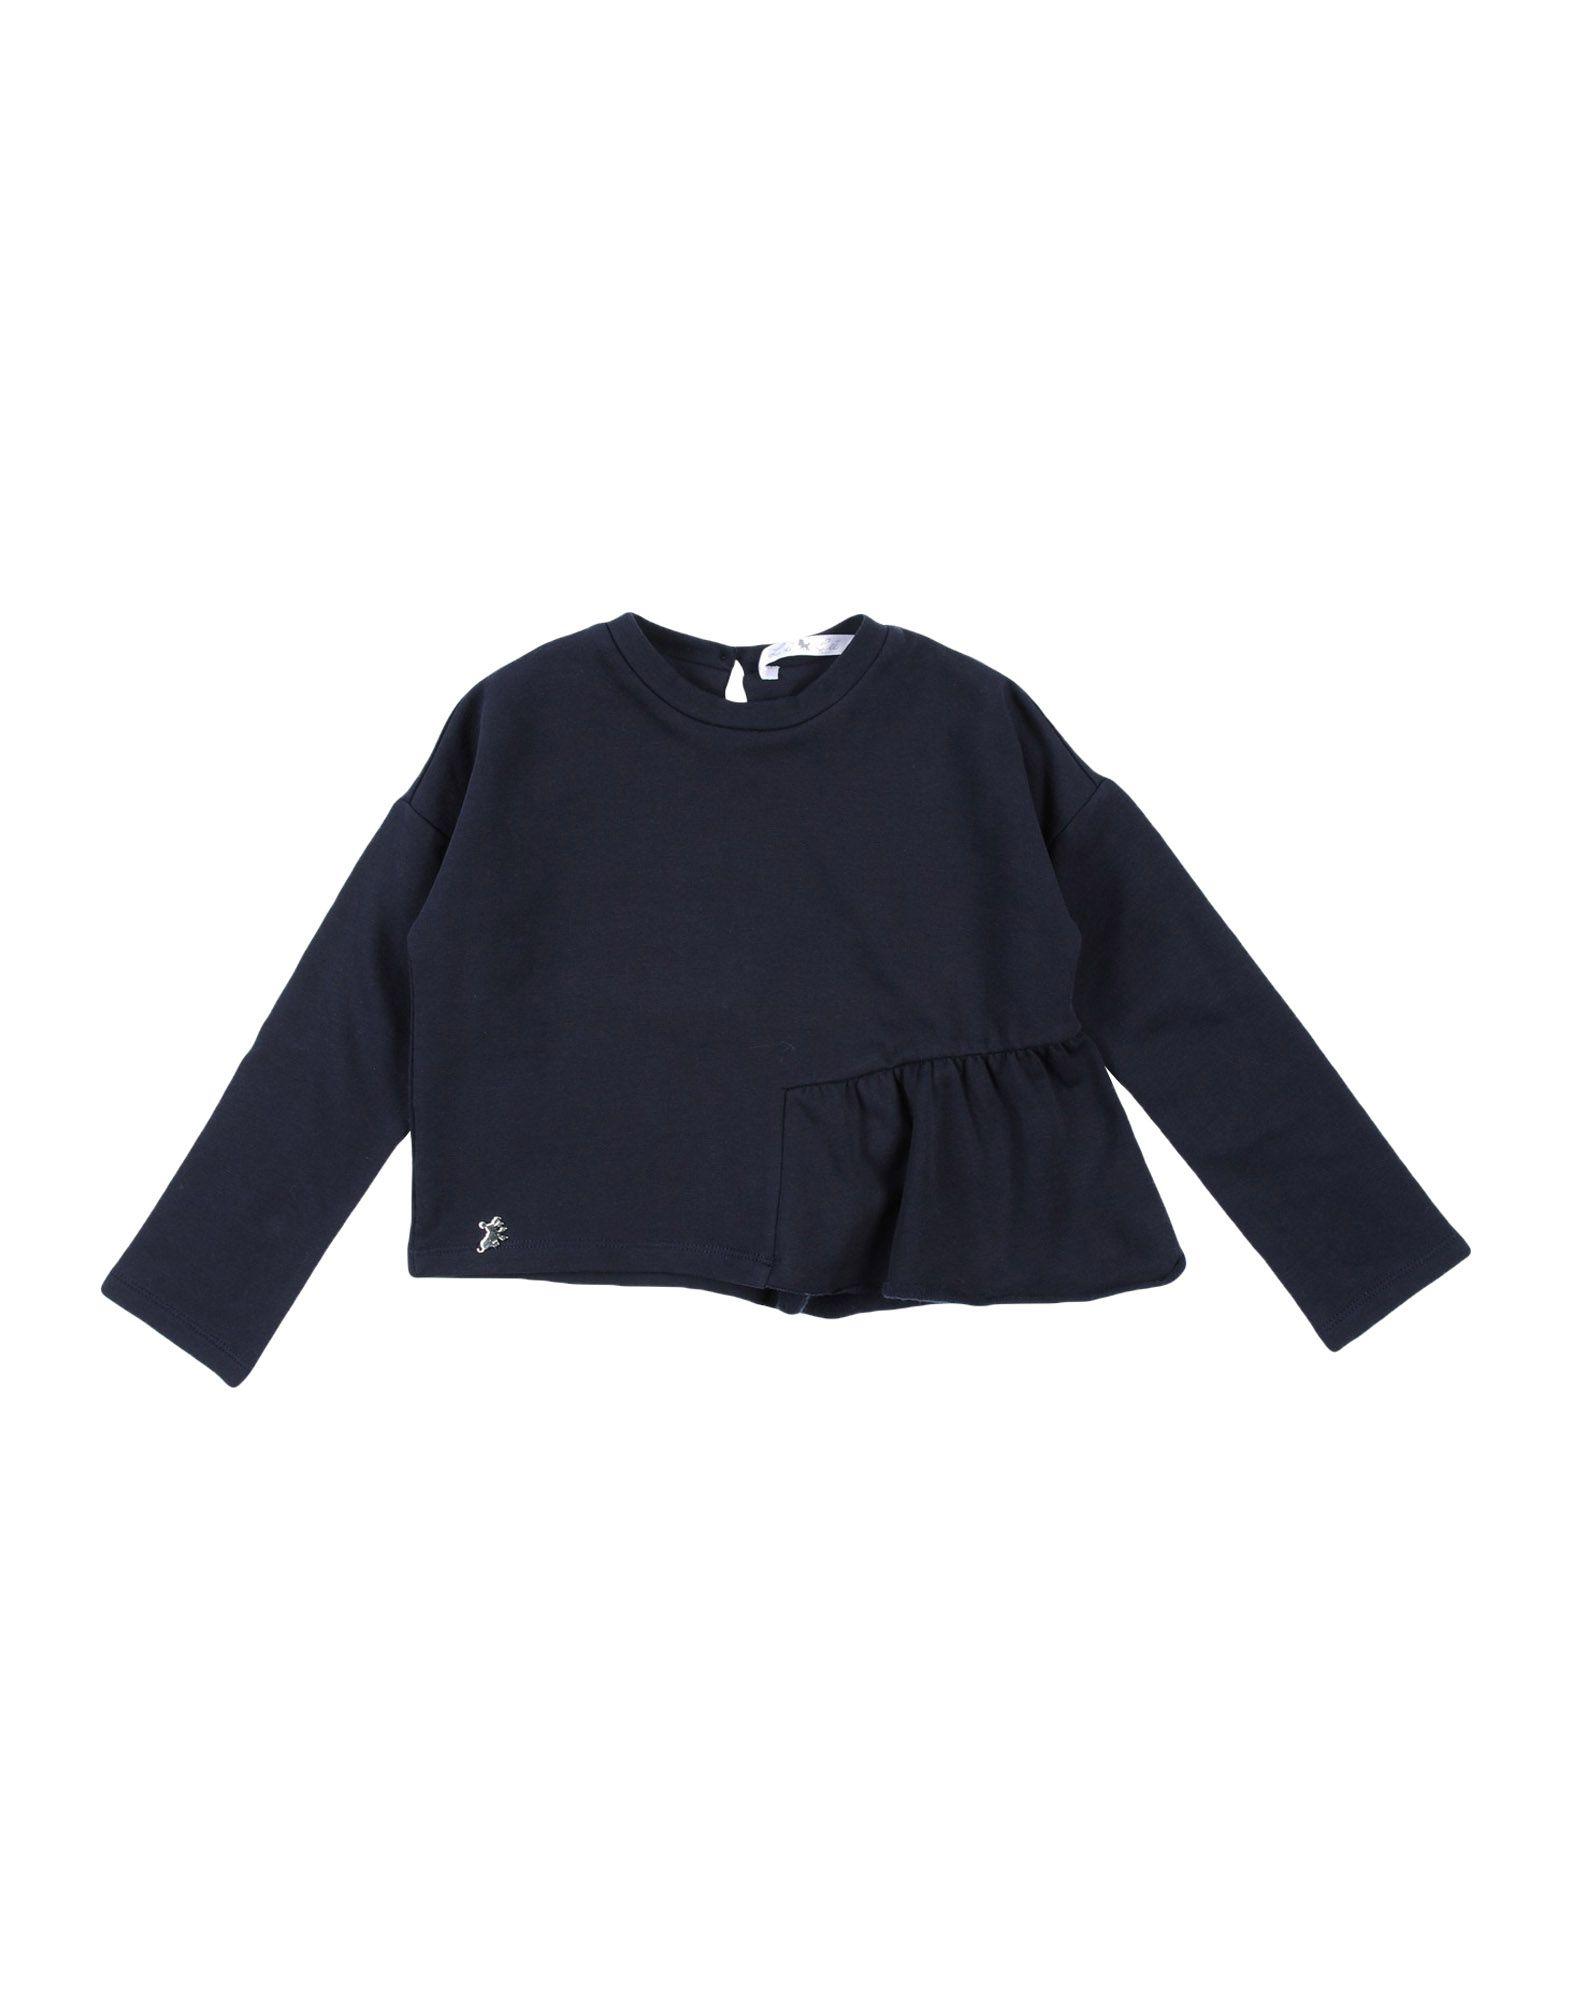 L:ú L:ú By Miss Grant Kids' Sweatshirts In Blue